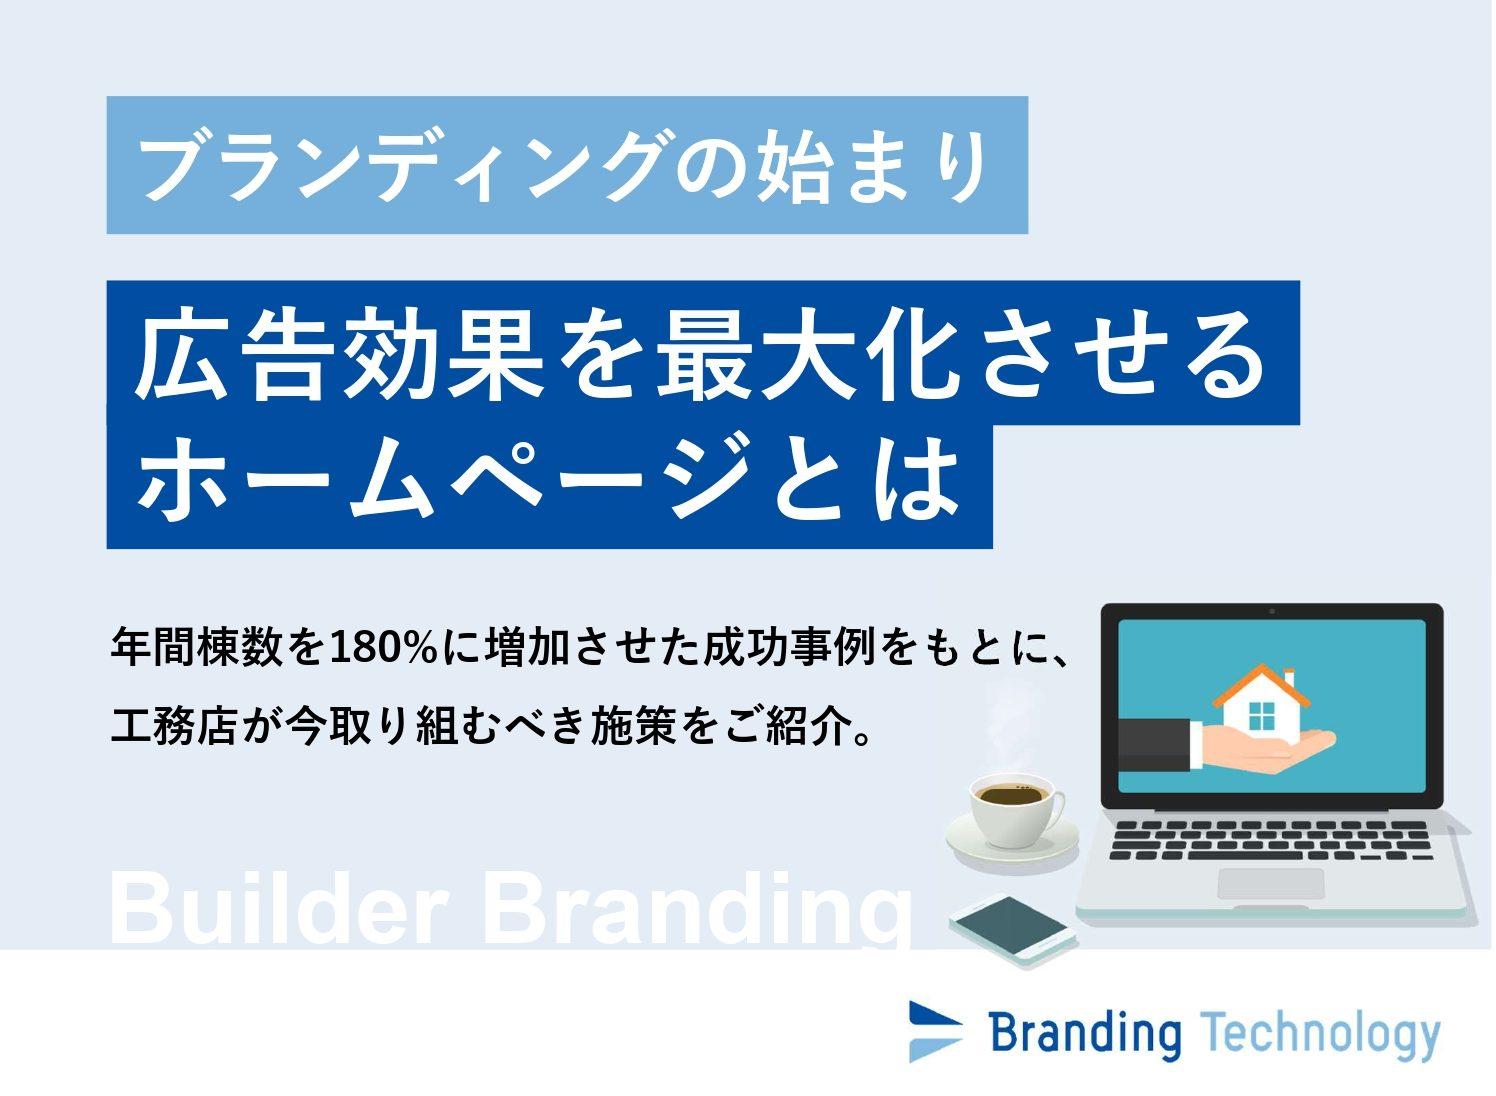 【工務店向け】ブランディングの始まり広告効果を最大化させるホームページとは_page-0001